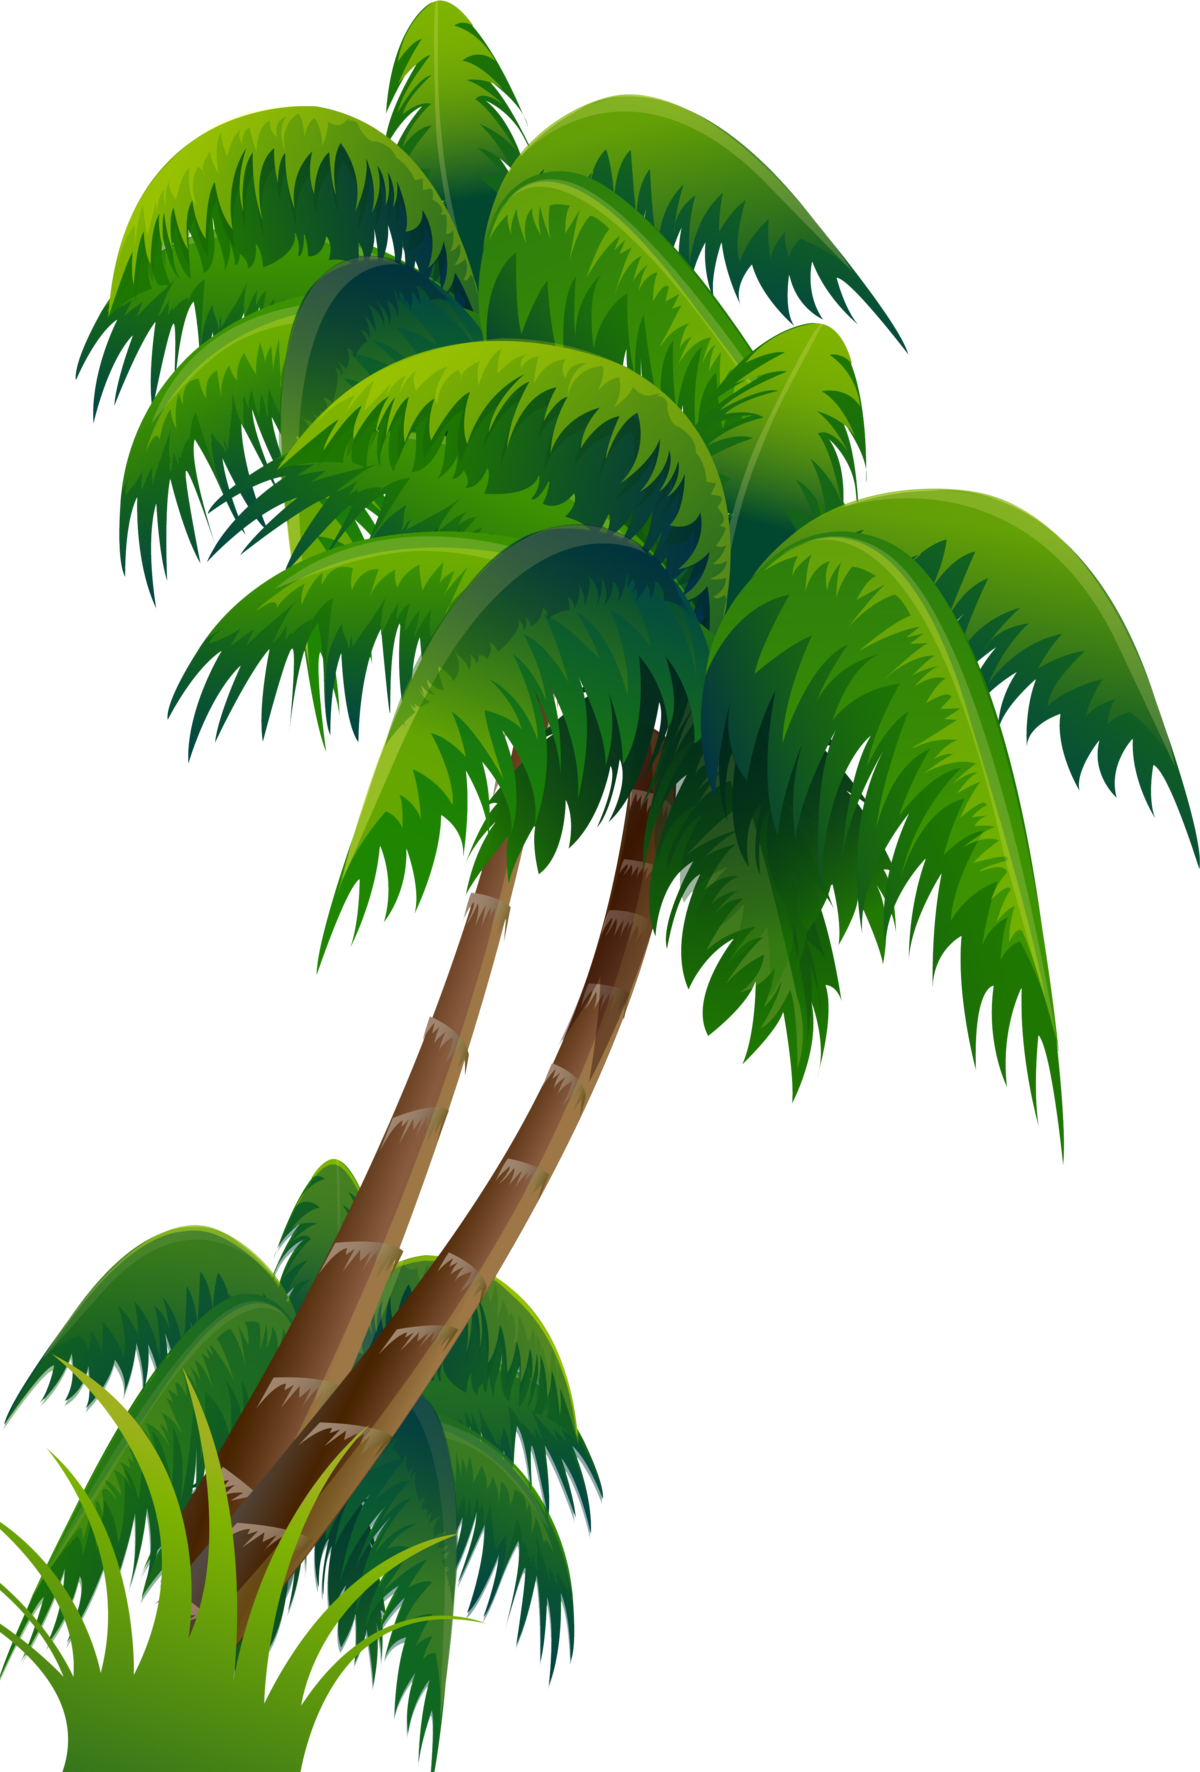 картинка пальма без фона нанесении краски